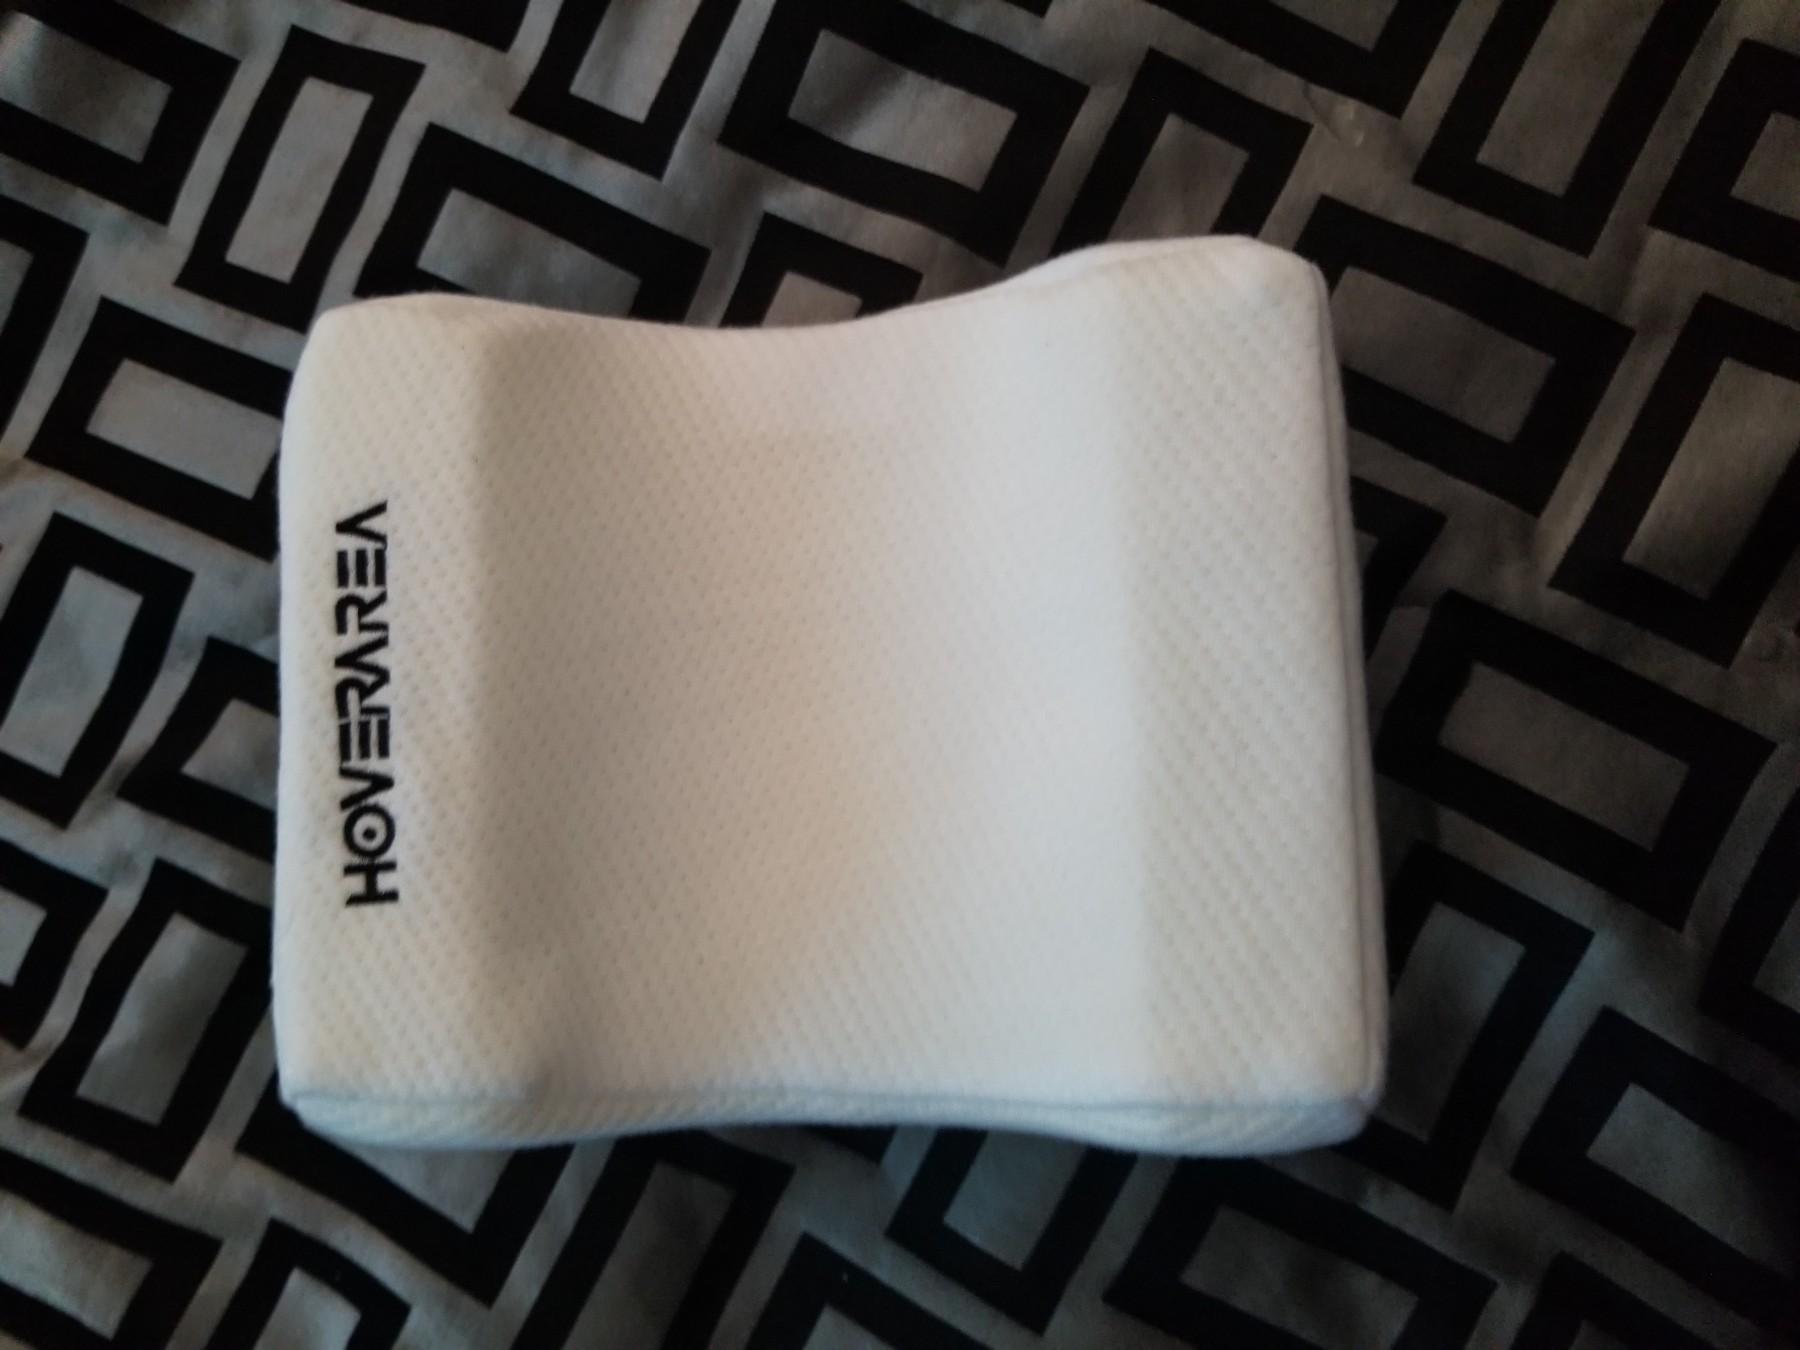 Firm foam pillow